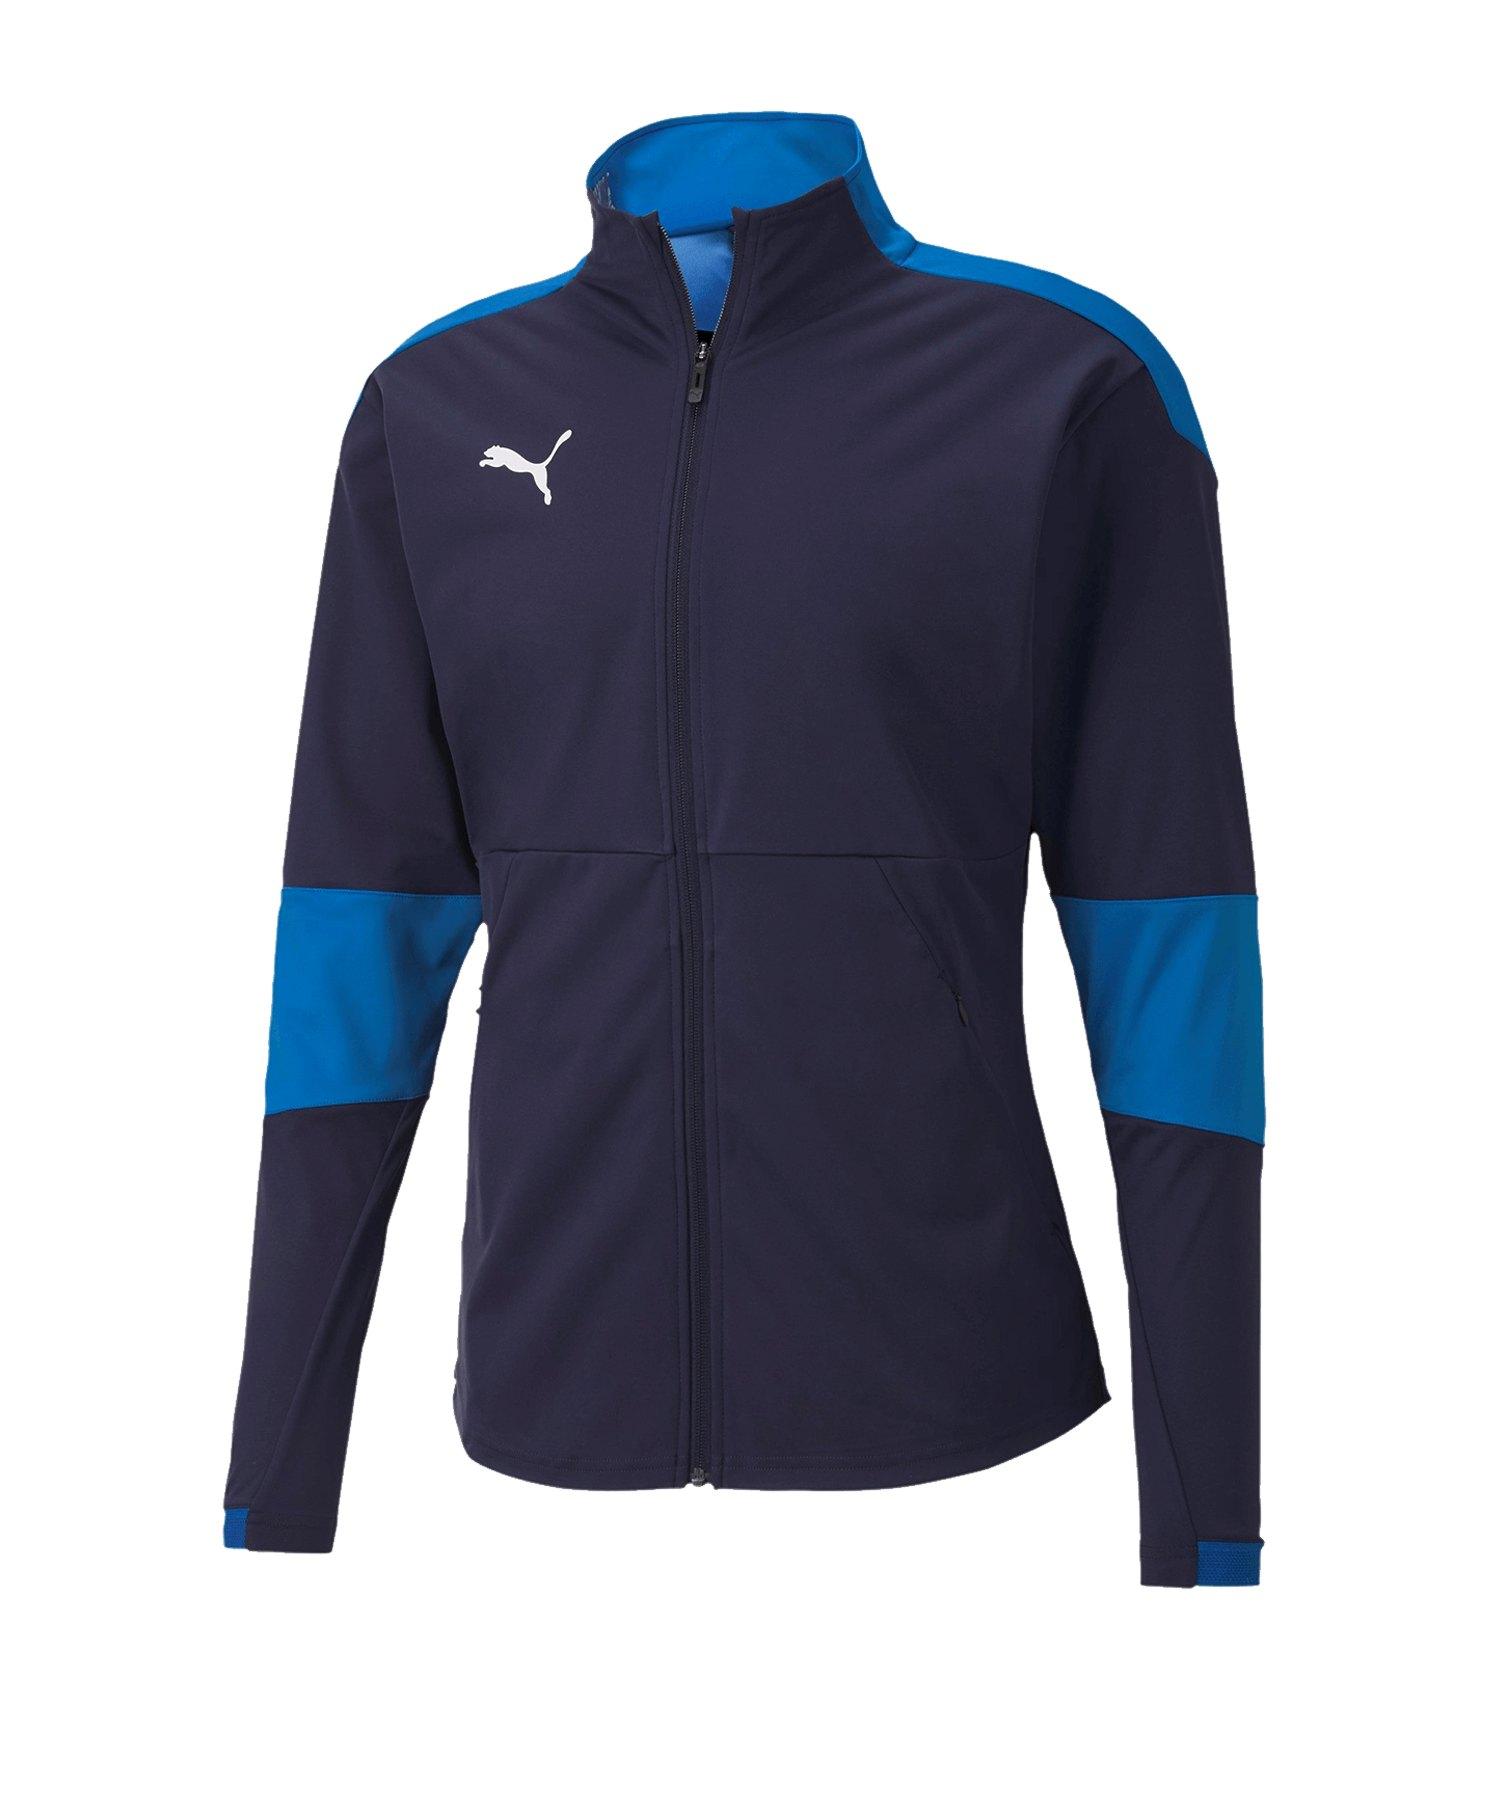 PUMA teamFINAL 21 Sideline Trainingsjacke Blau F02 - blau